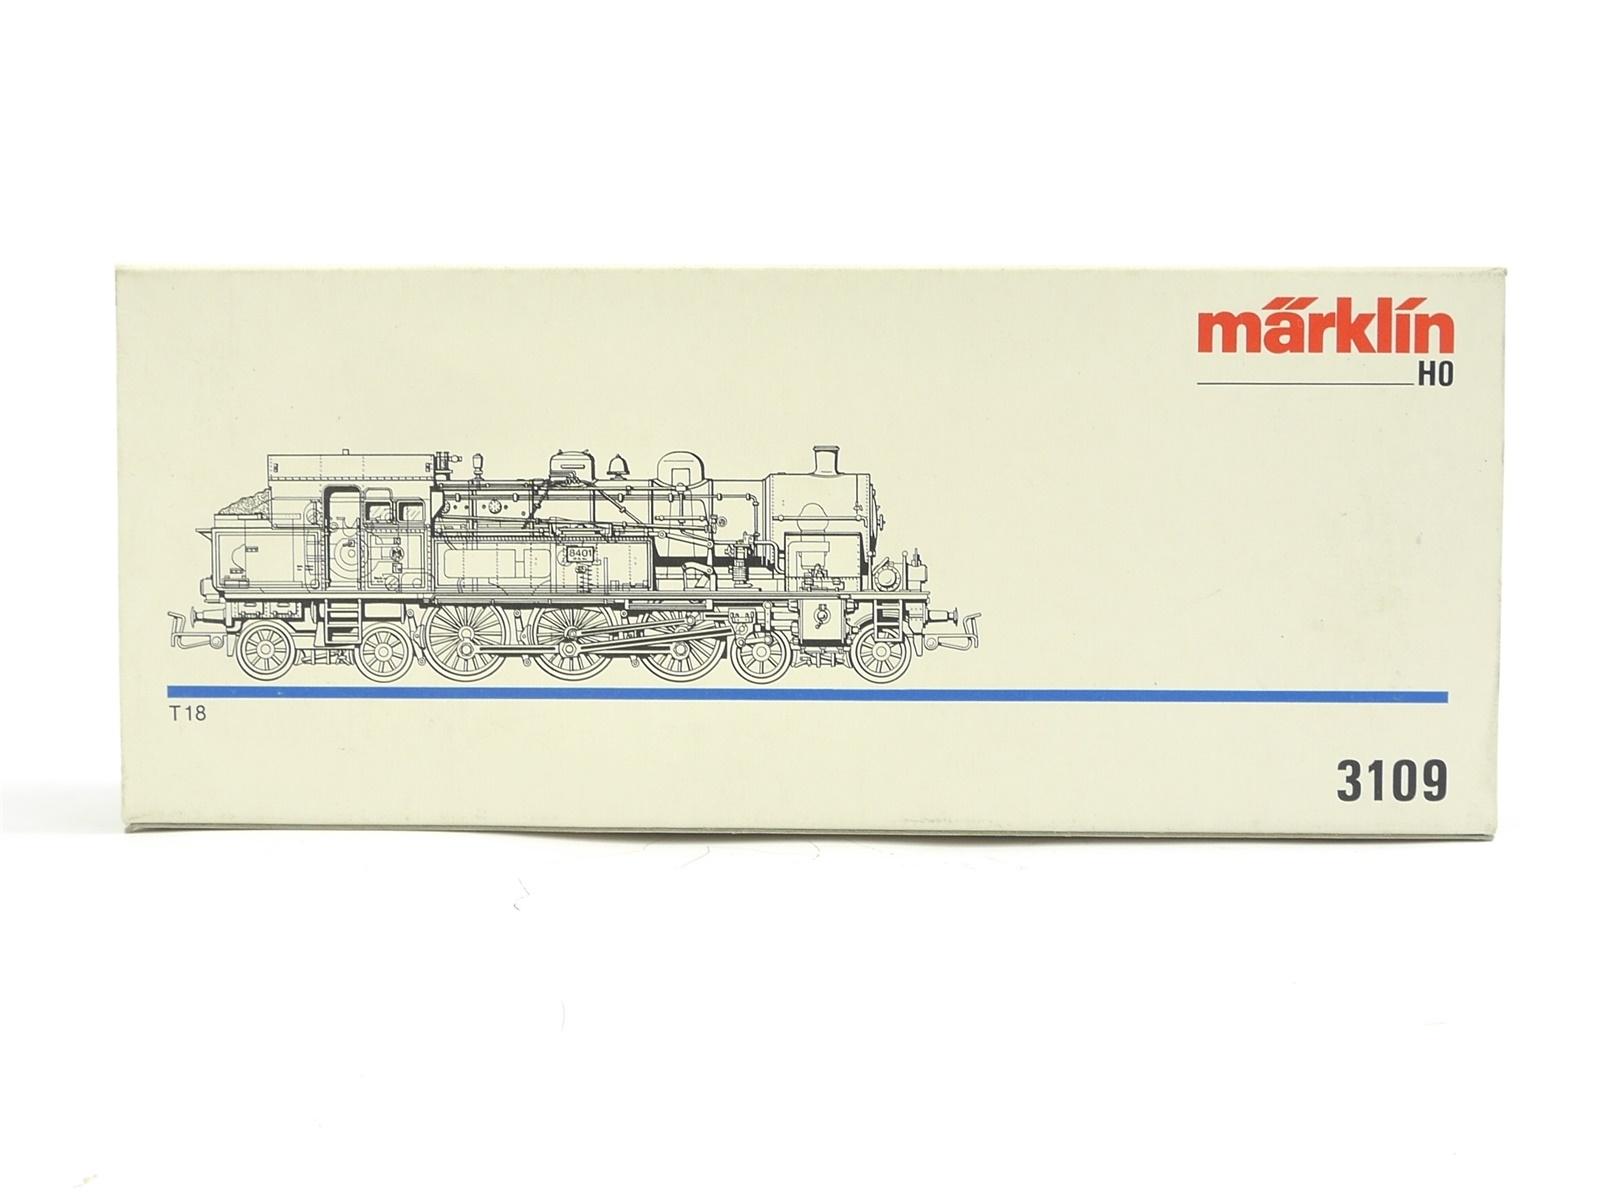 E116 Märklin H0 3109 Leerverpackung Leerkarton OVP für Dampflok BR T18